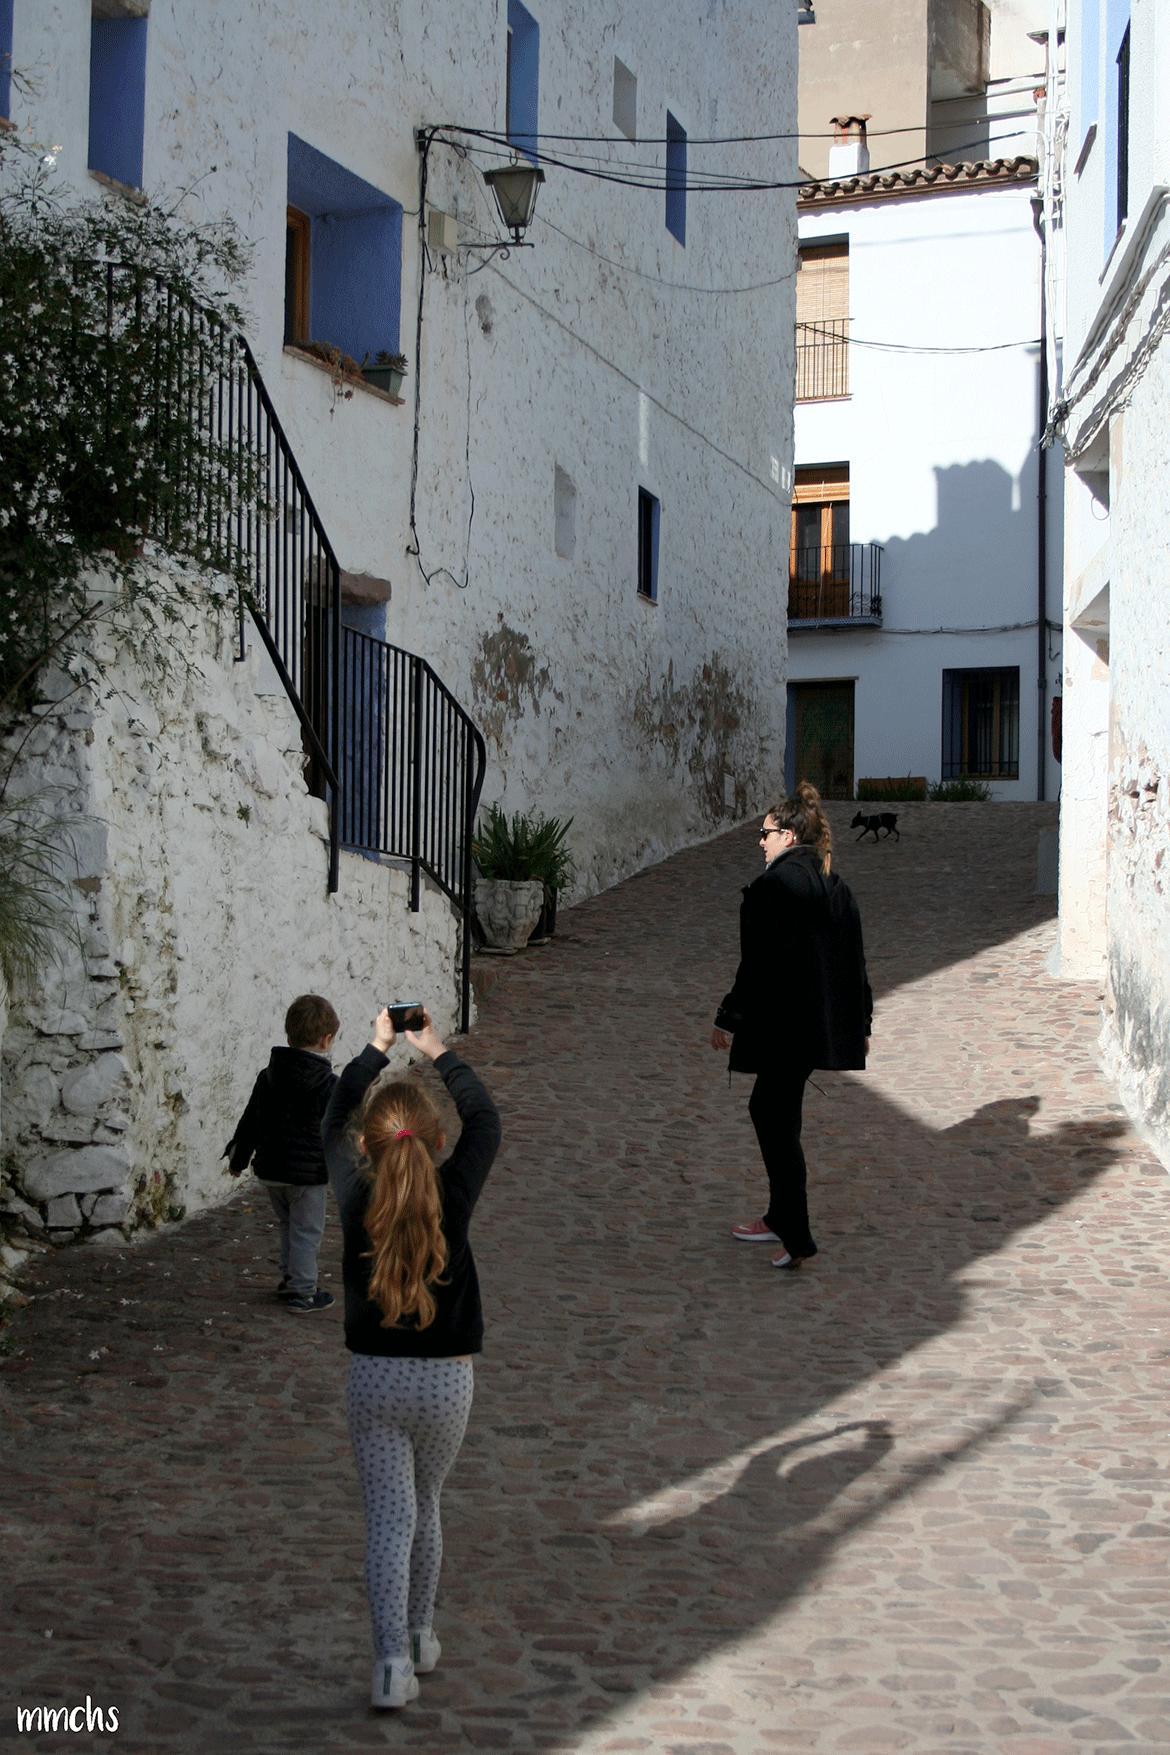 Aín pueblo de Castellón en sierra de Espadán